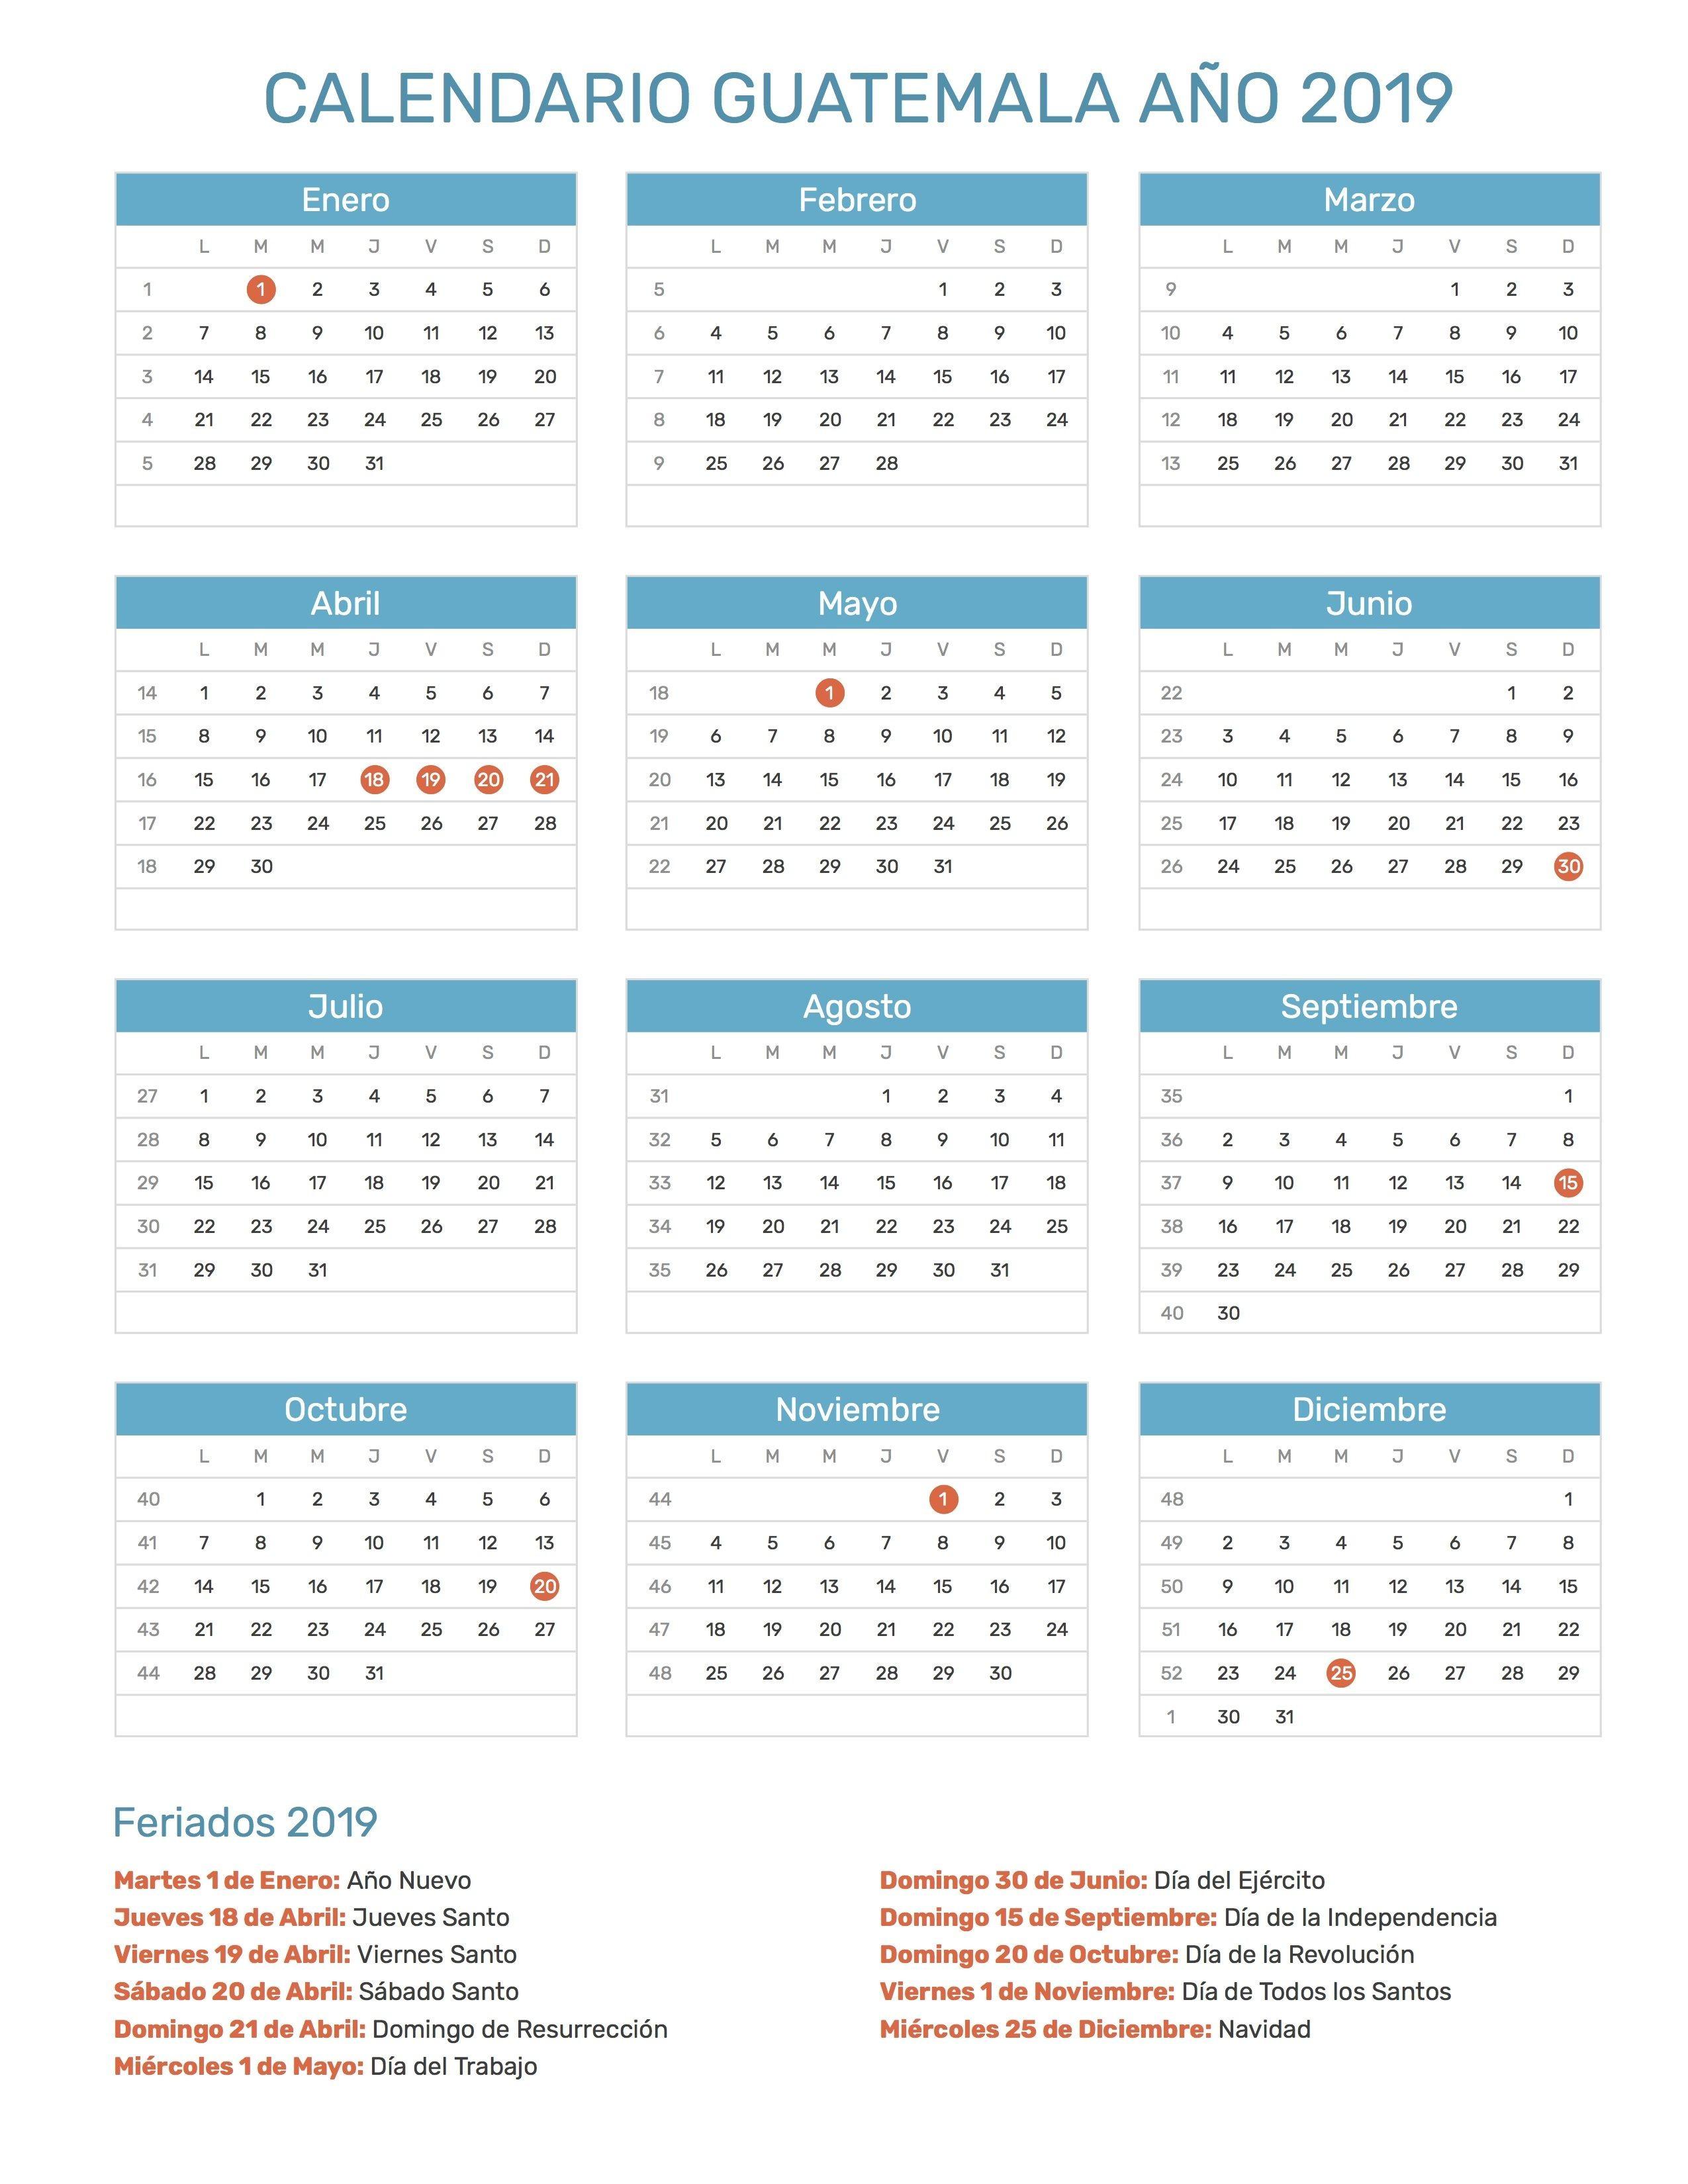 Calendario 2019 Chile Imprimir Con Feriados Más Populares Pin De Calendario Hispano En Calendario Con Feriados A±o 2019 Of Calendario 2019 Chile Imprimir Con Feriados Más Recientes Calendario Noviembre 2018 Printables Pinterest